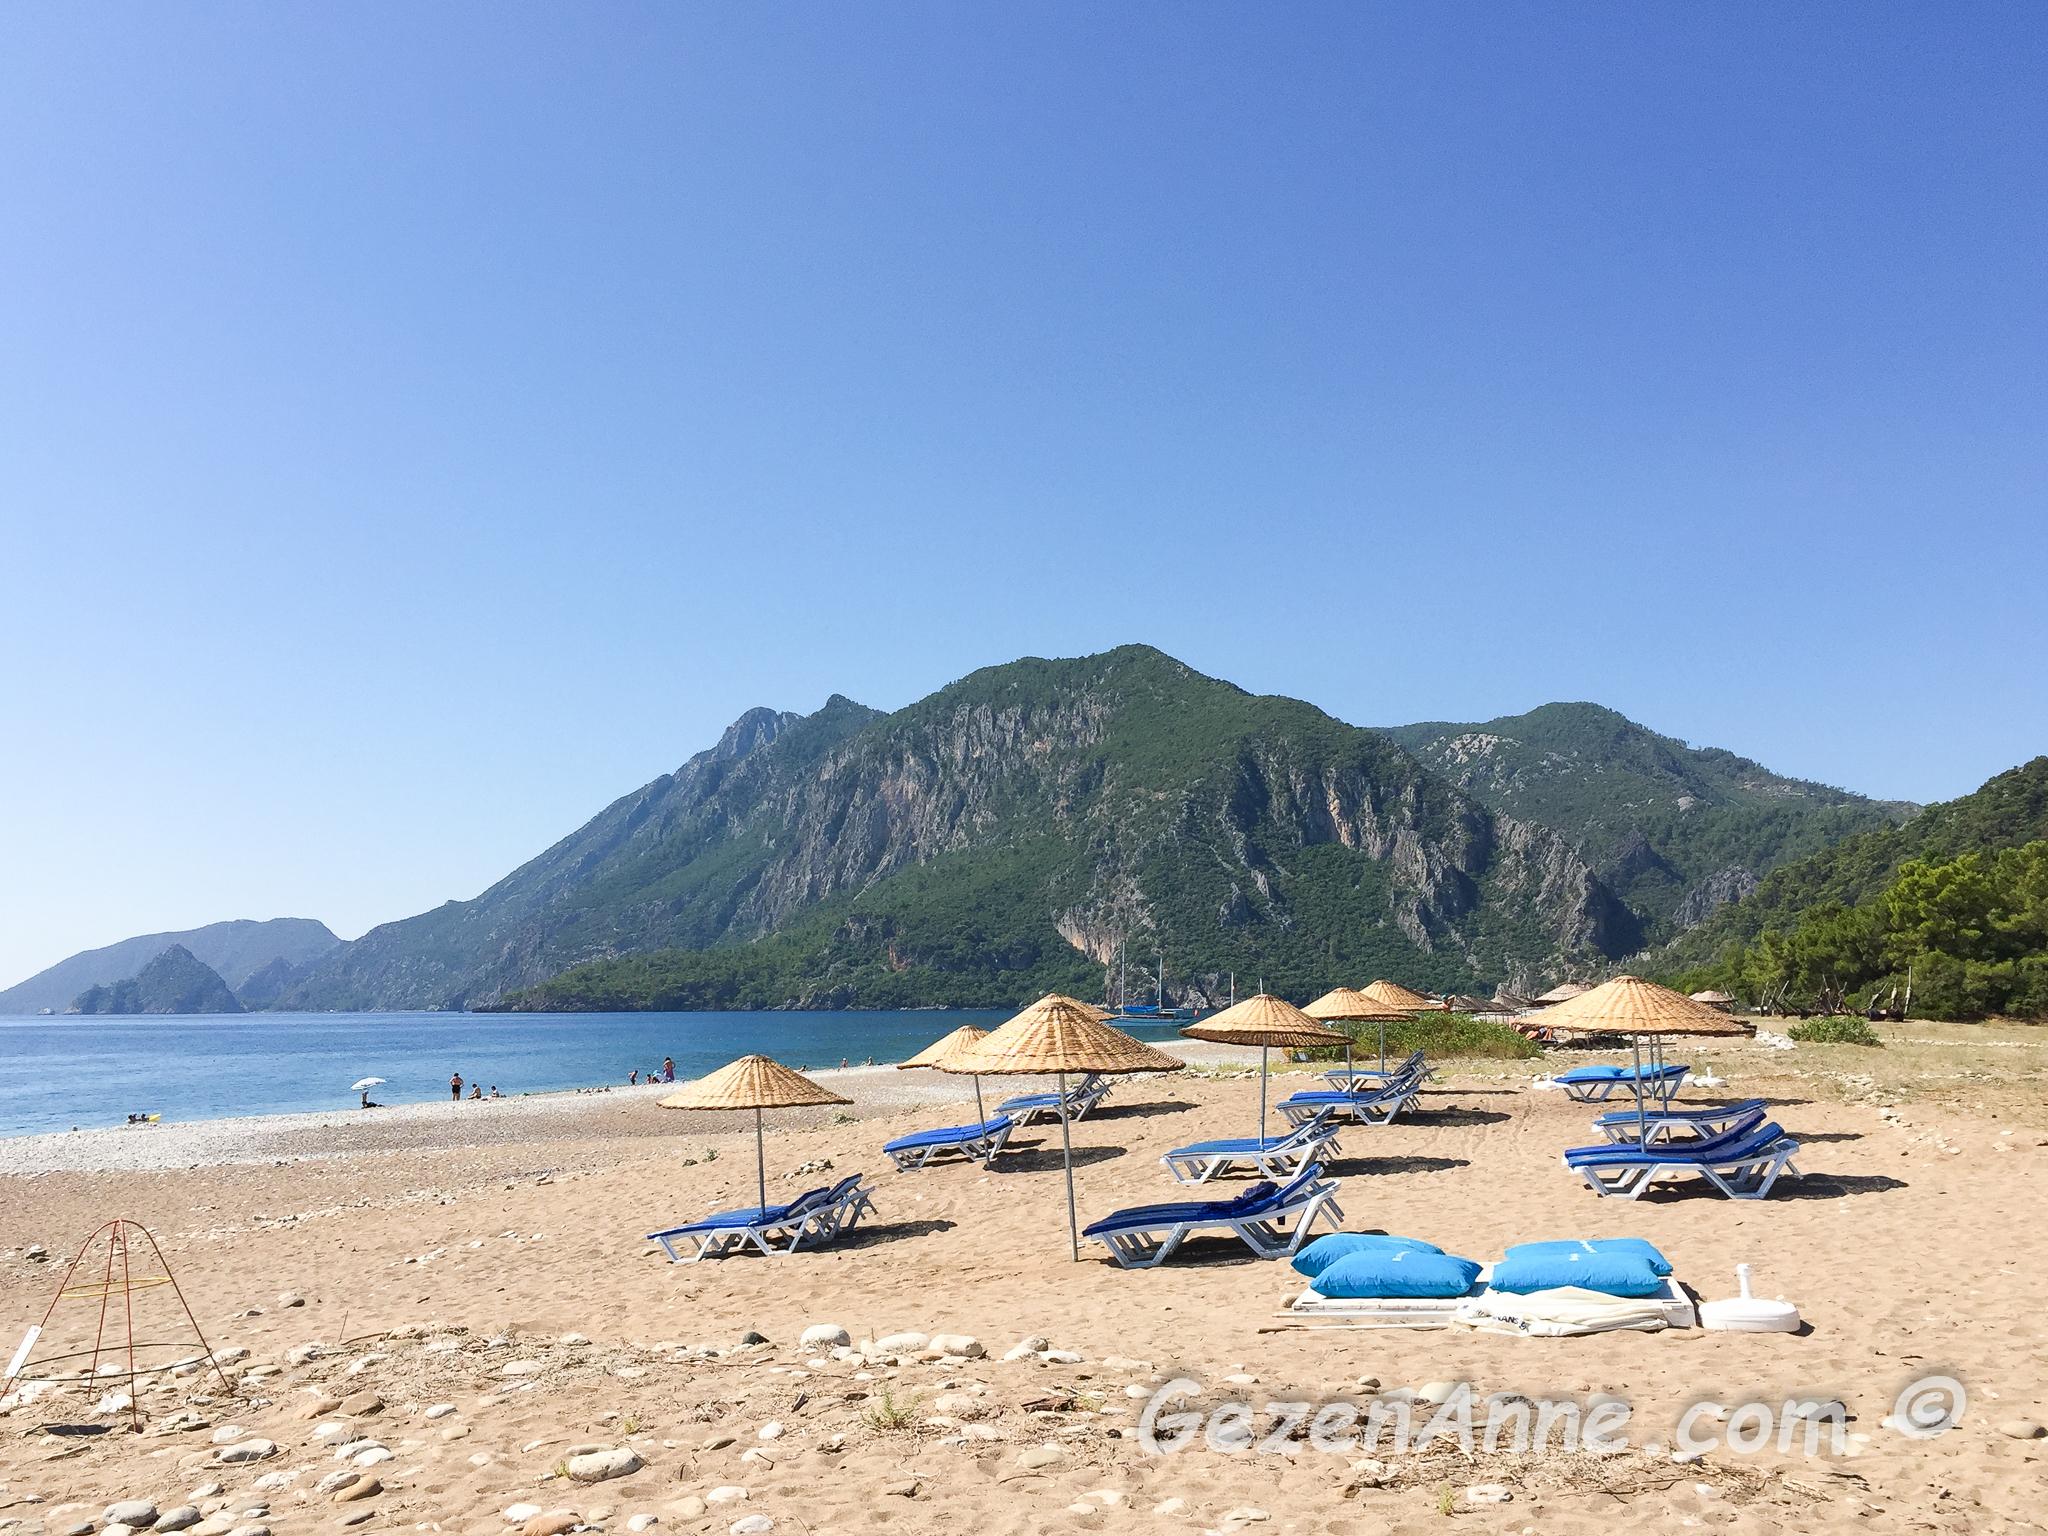 Çıralı sahili kumsalı, Caretta caretta yıvası ve şezlonglar arkada da Olimpos, Antalya